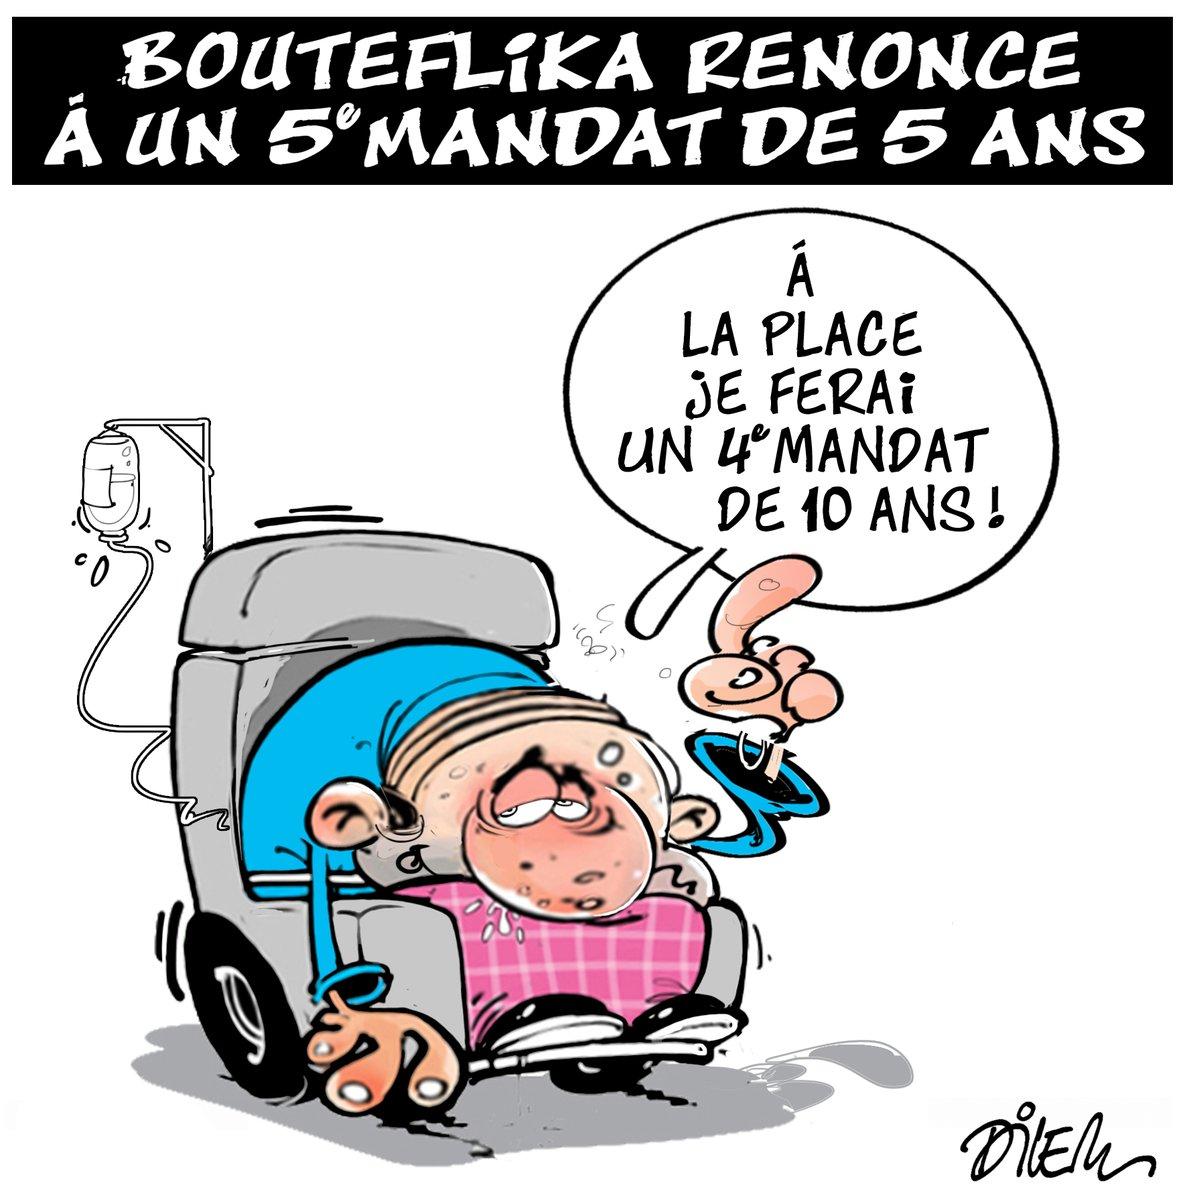 Une manifestation contre un cinquième mandat de Bouteflika — Bordeaux